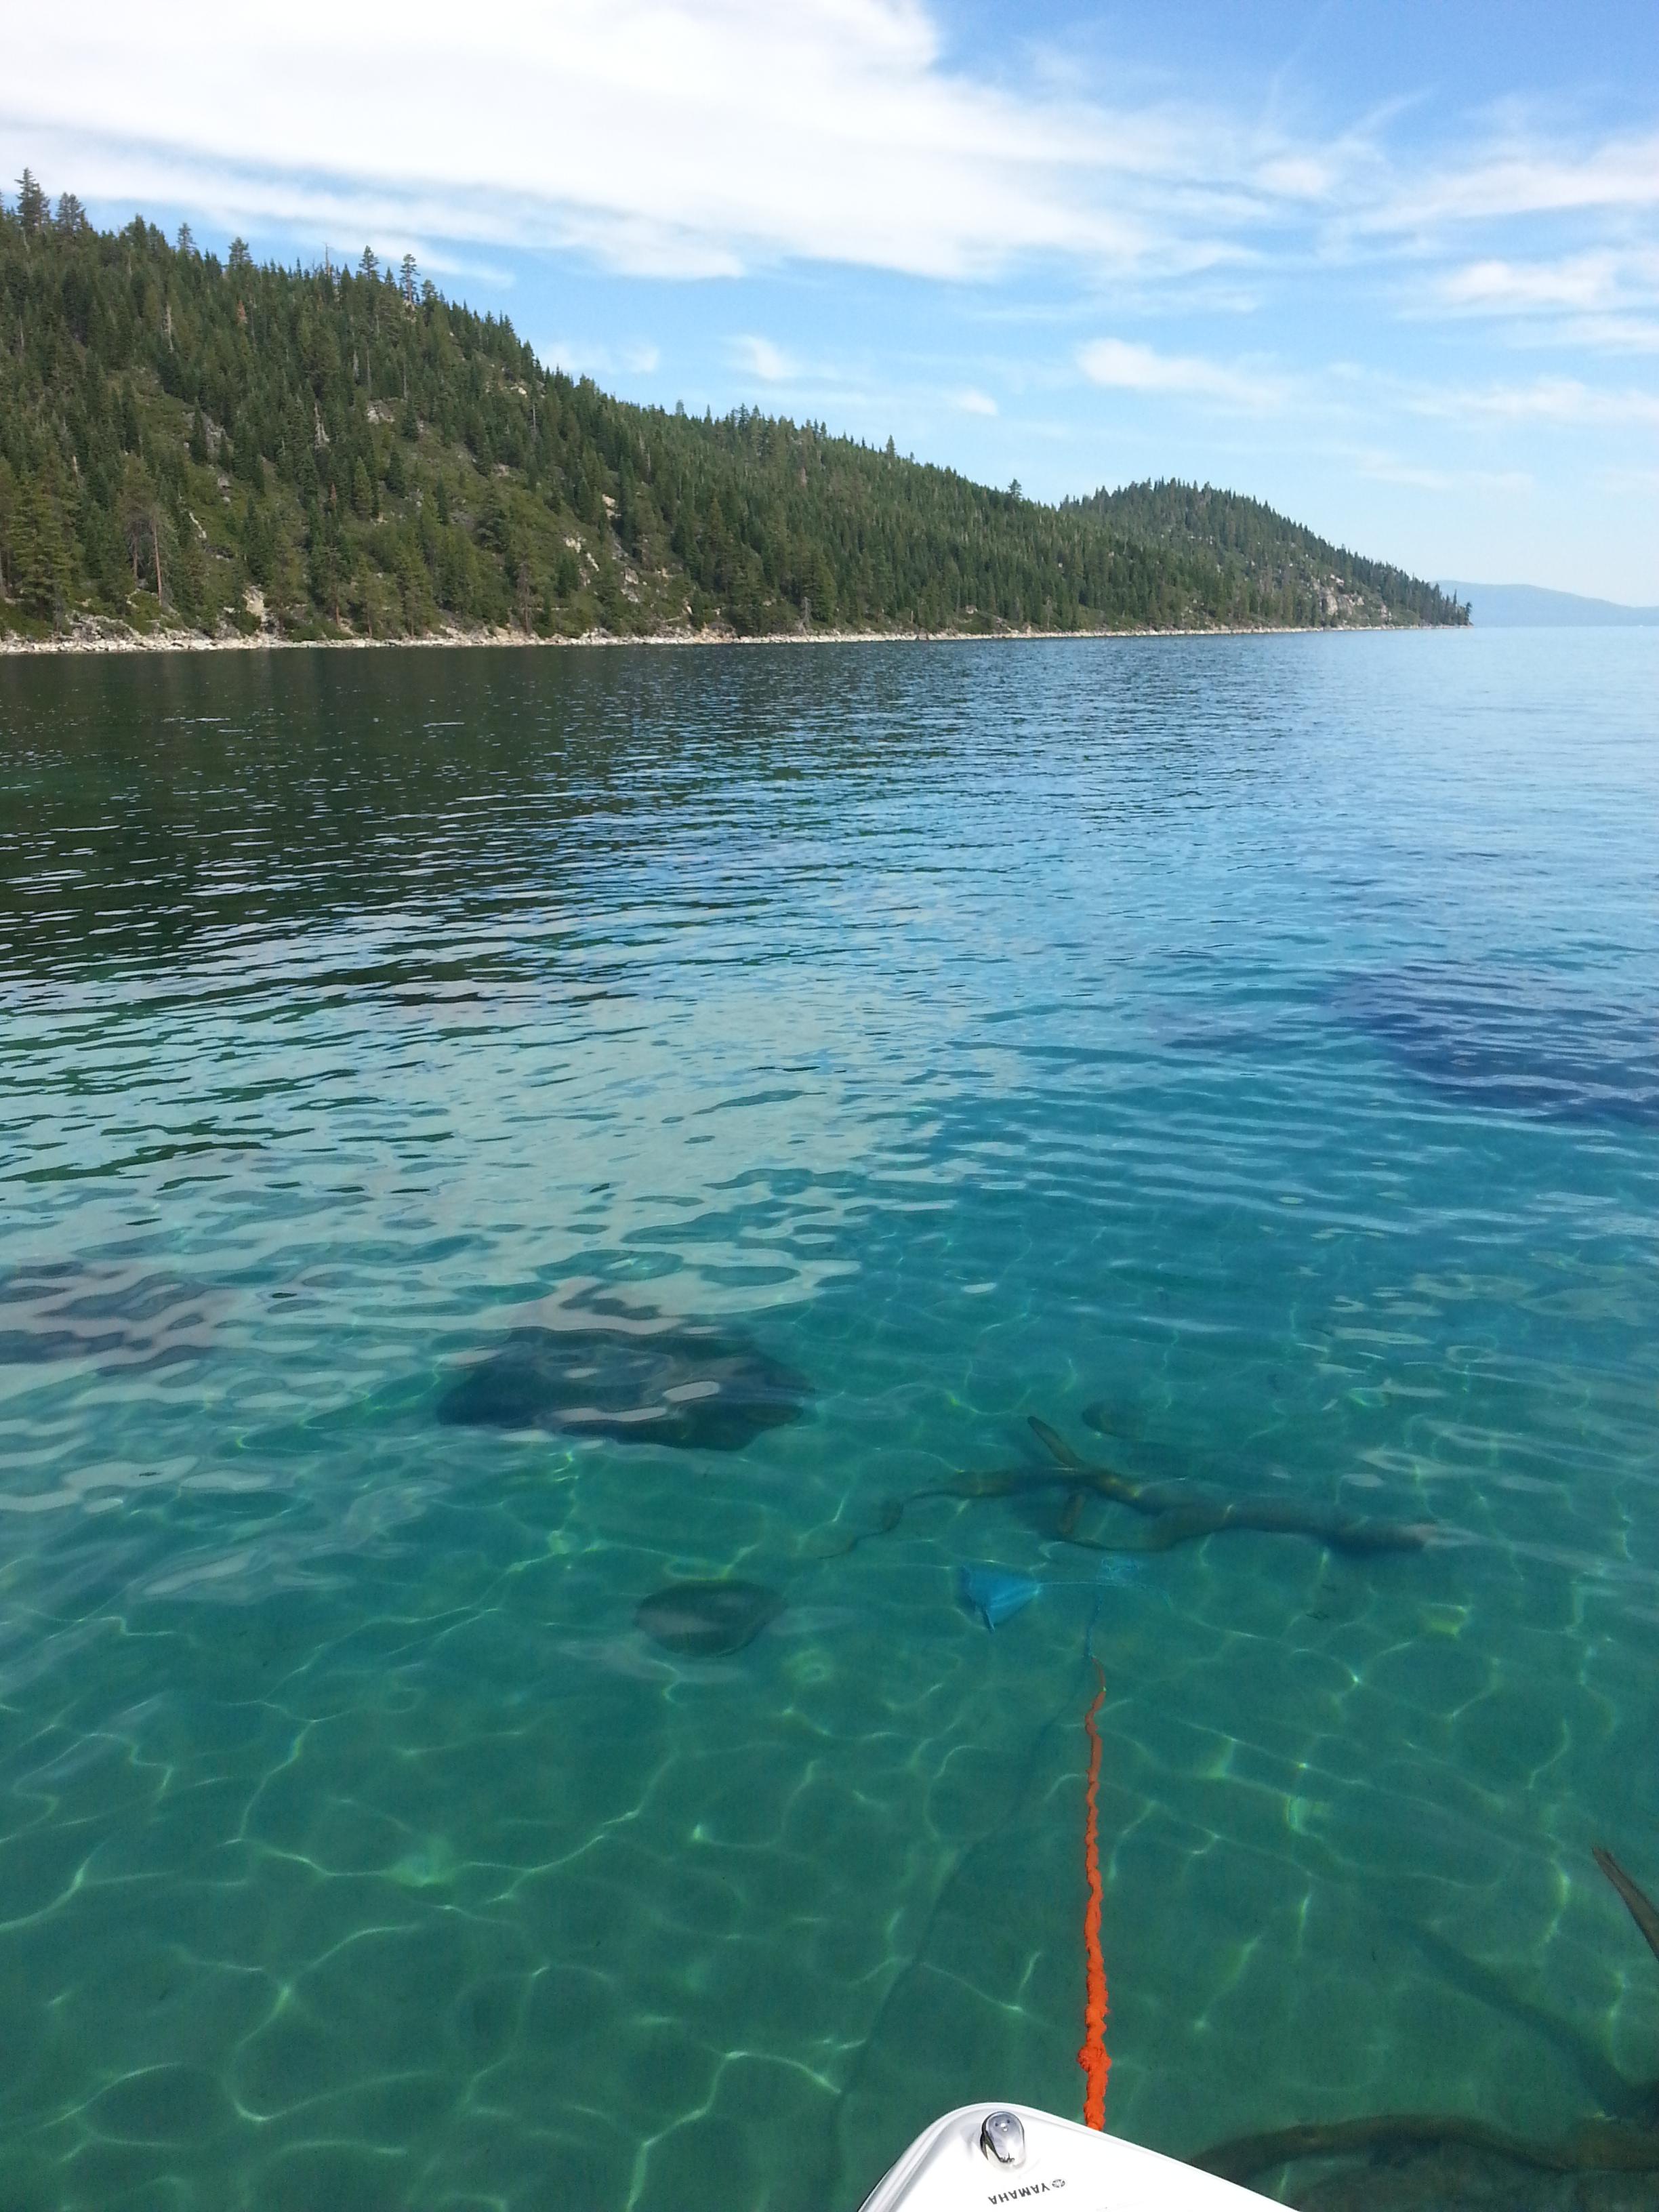 Lake Tahoe Wallpaper Lake Tahoe Summer Mountains Hd: Lake Tahoe Boating Pictures